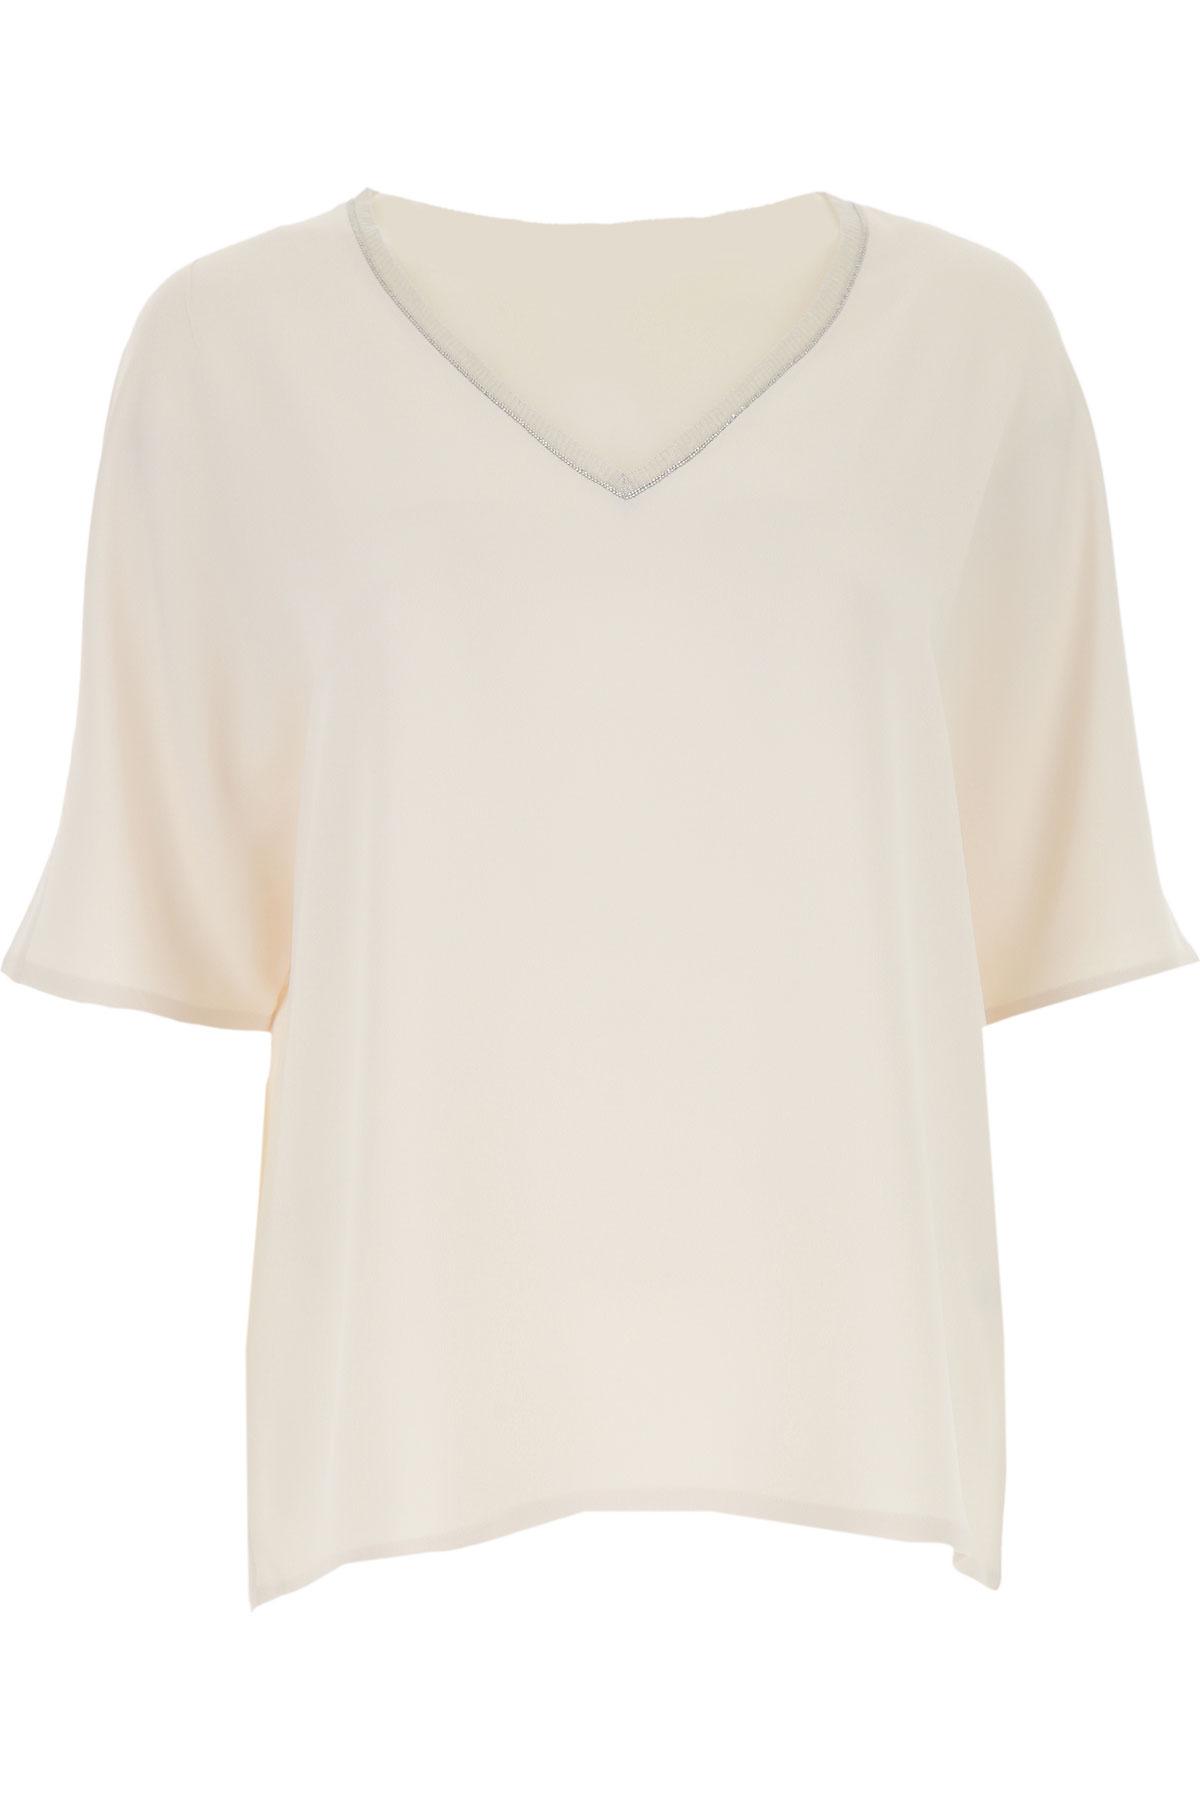 Fabiana Filippi T-shirt Femme Pas cher en Soldes, Naturel, Acrylique, 2019, 44 46 M